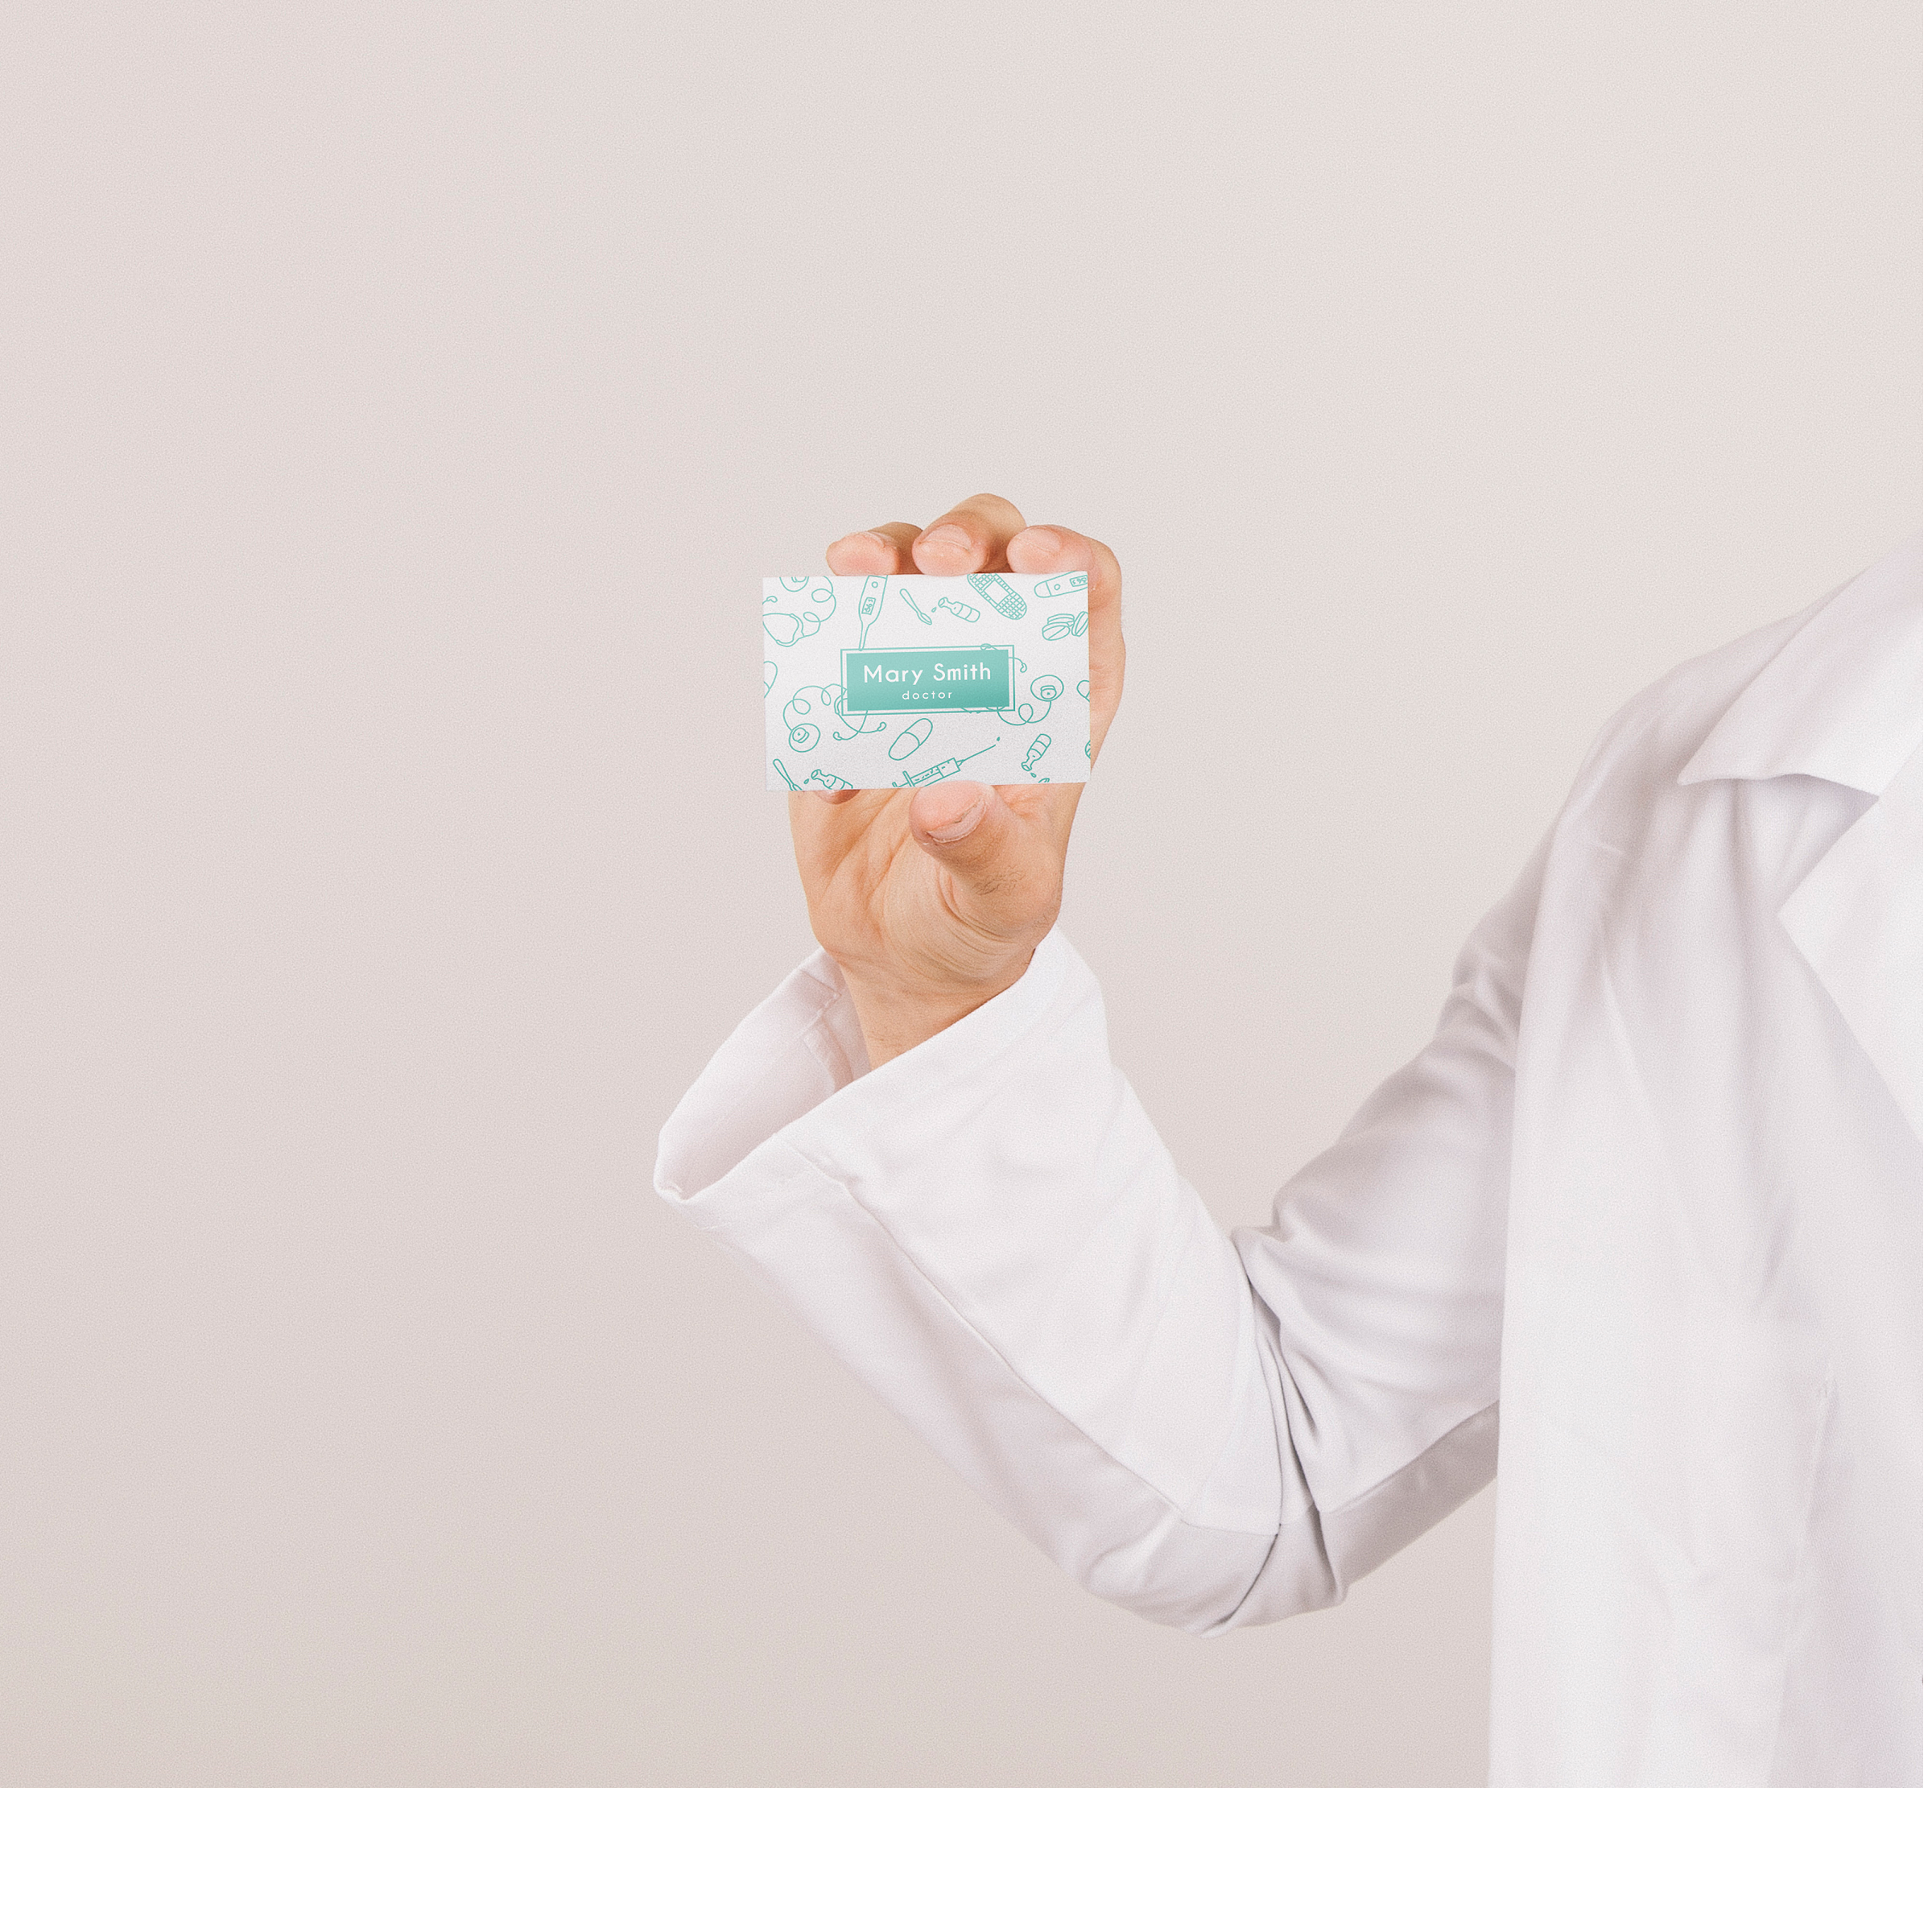 Como utilizar o impresso no marketing para médicos